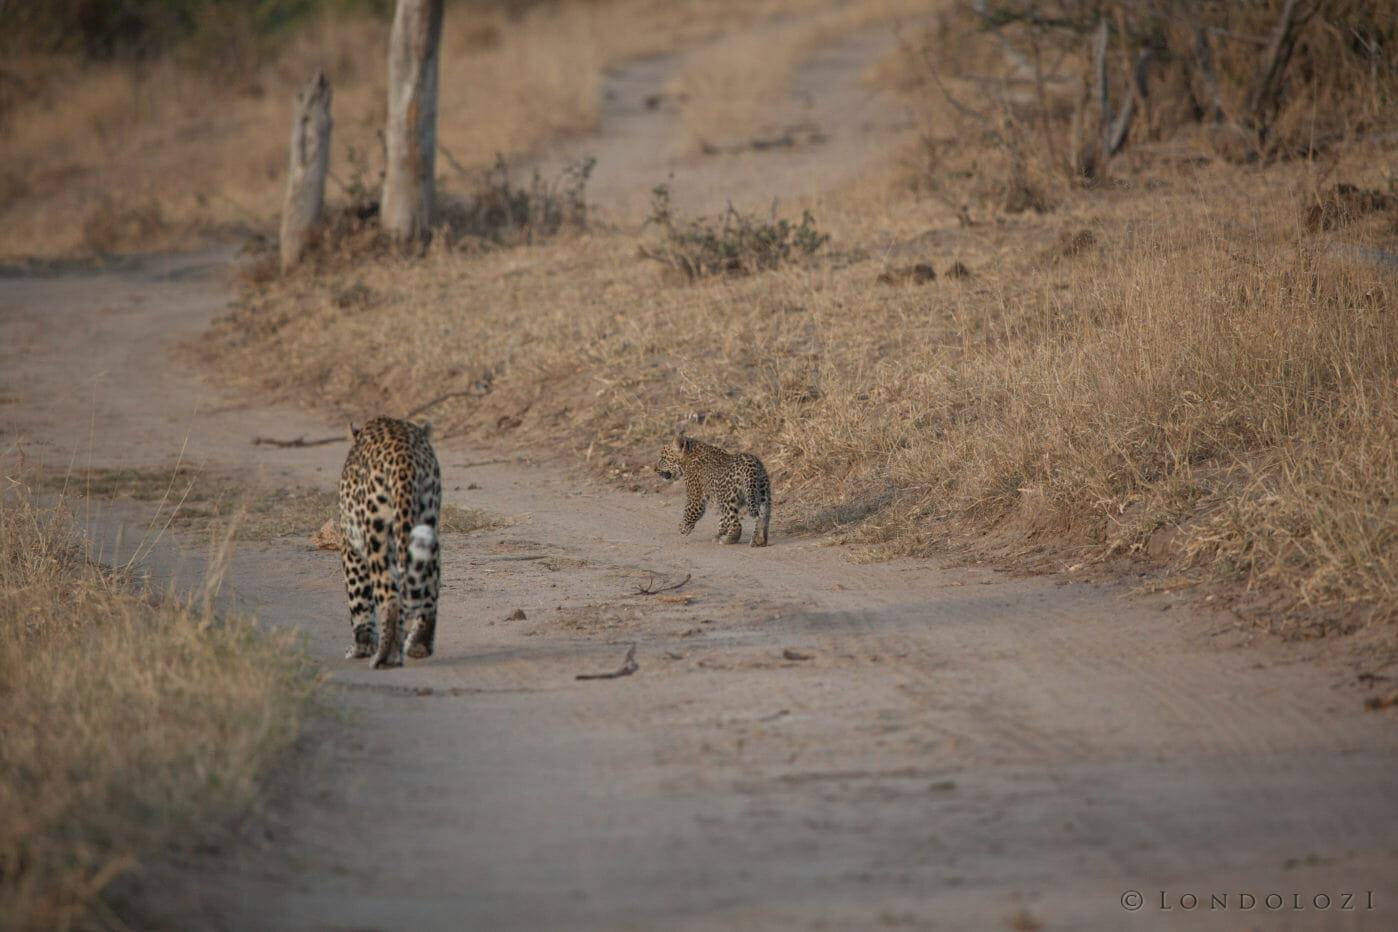 Nkoveni female leopard, cub, PT 2018